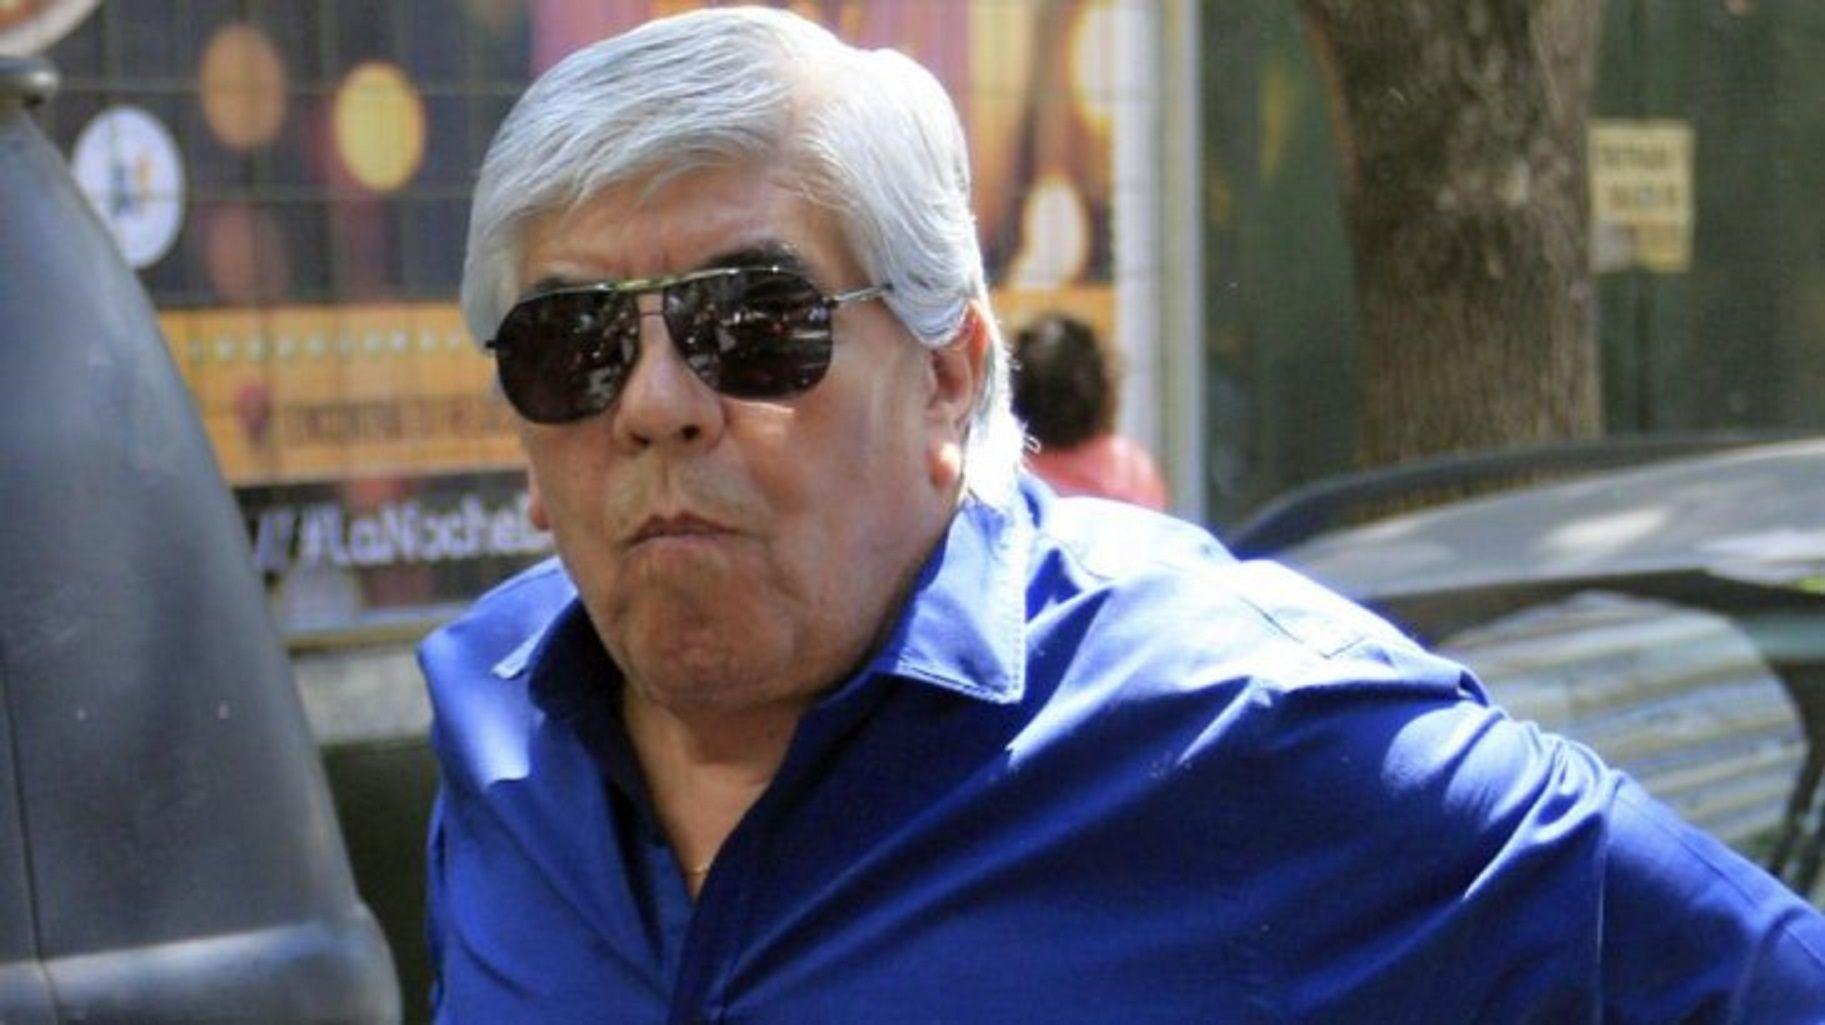 Hugo Moyano, tras el allanamiento: Si me quieren meter en cana, que me metan